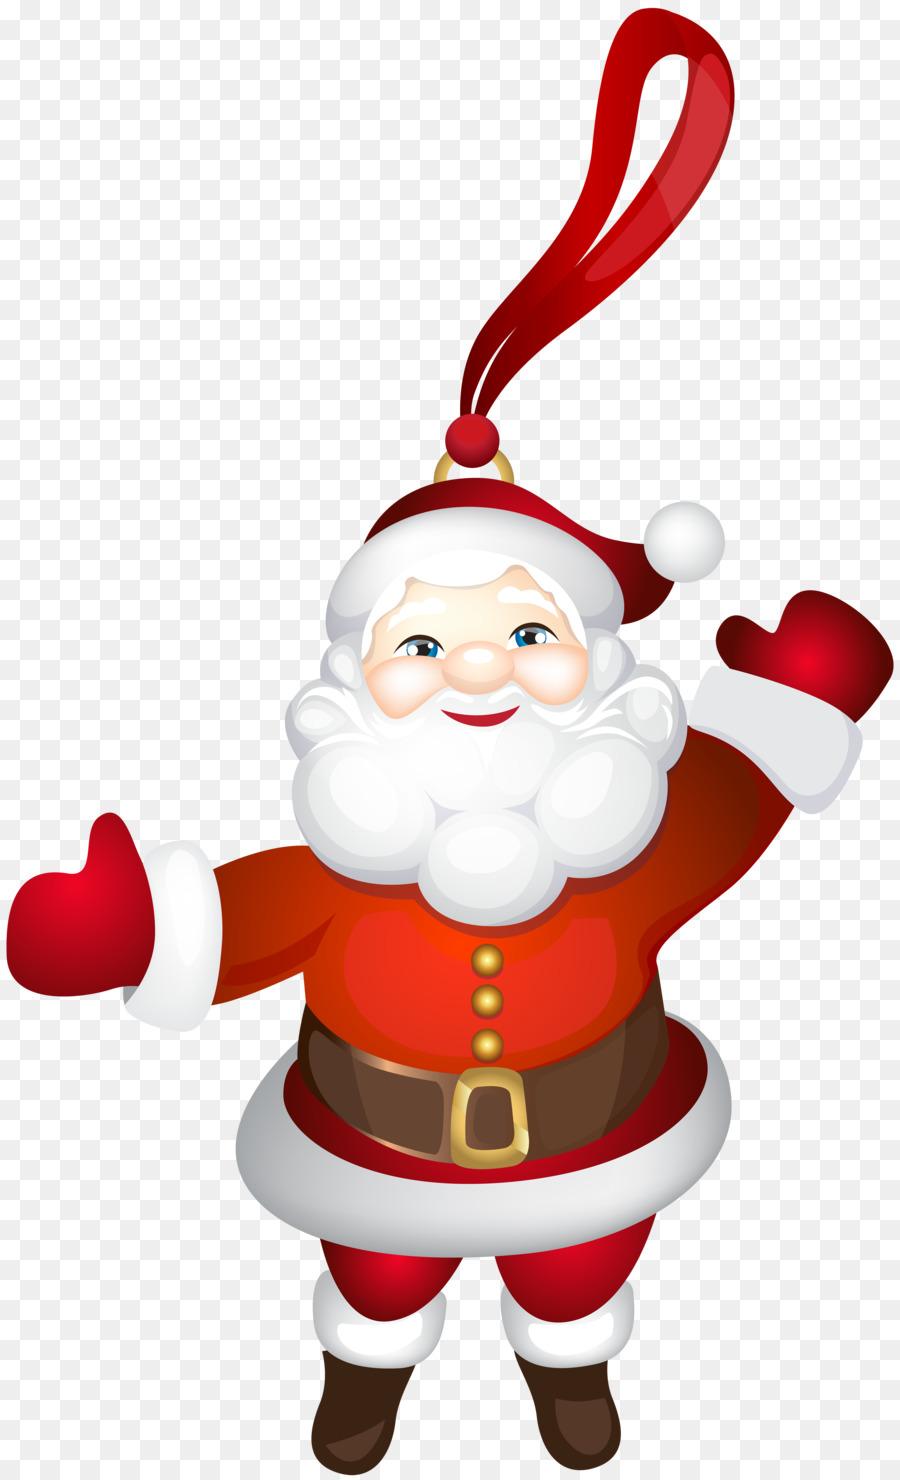 Descarga gratuita de Santa Claus, Ded Moroz, Christmas Day imágenes PNG